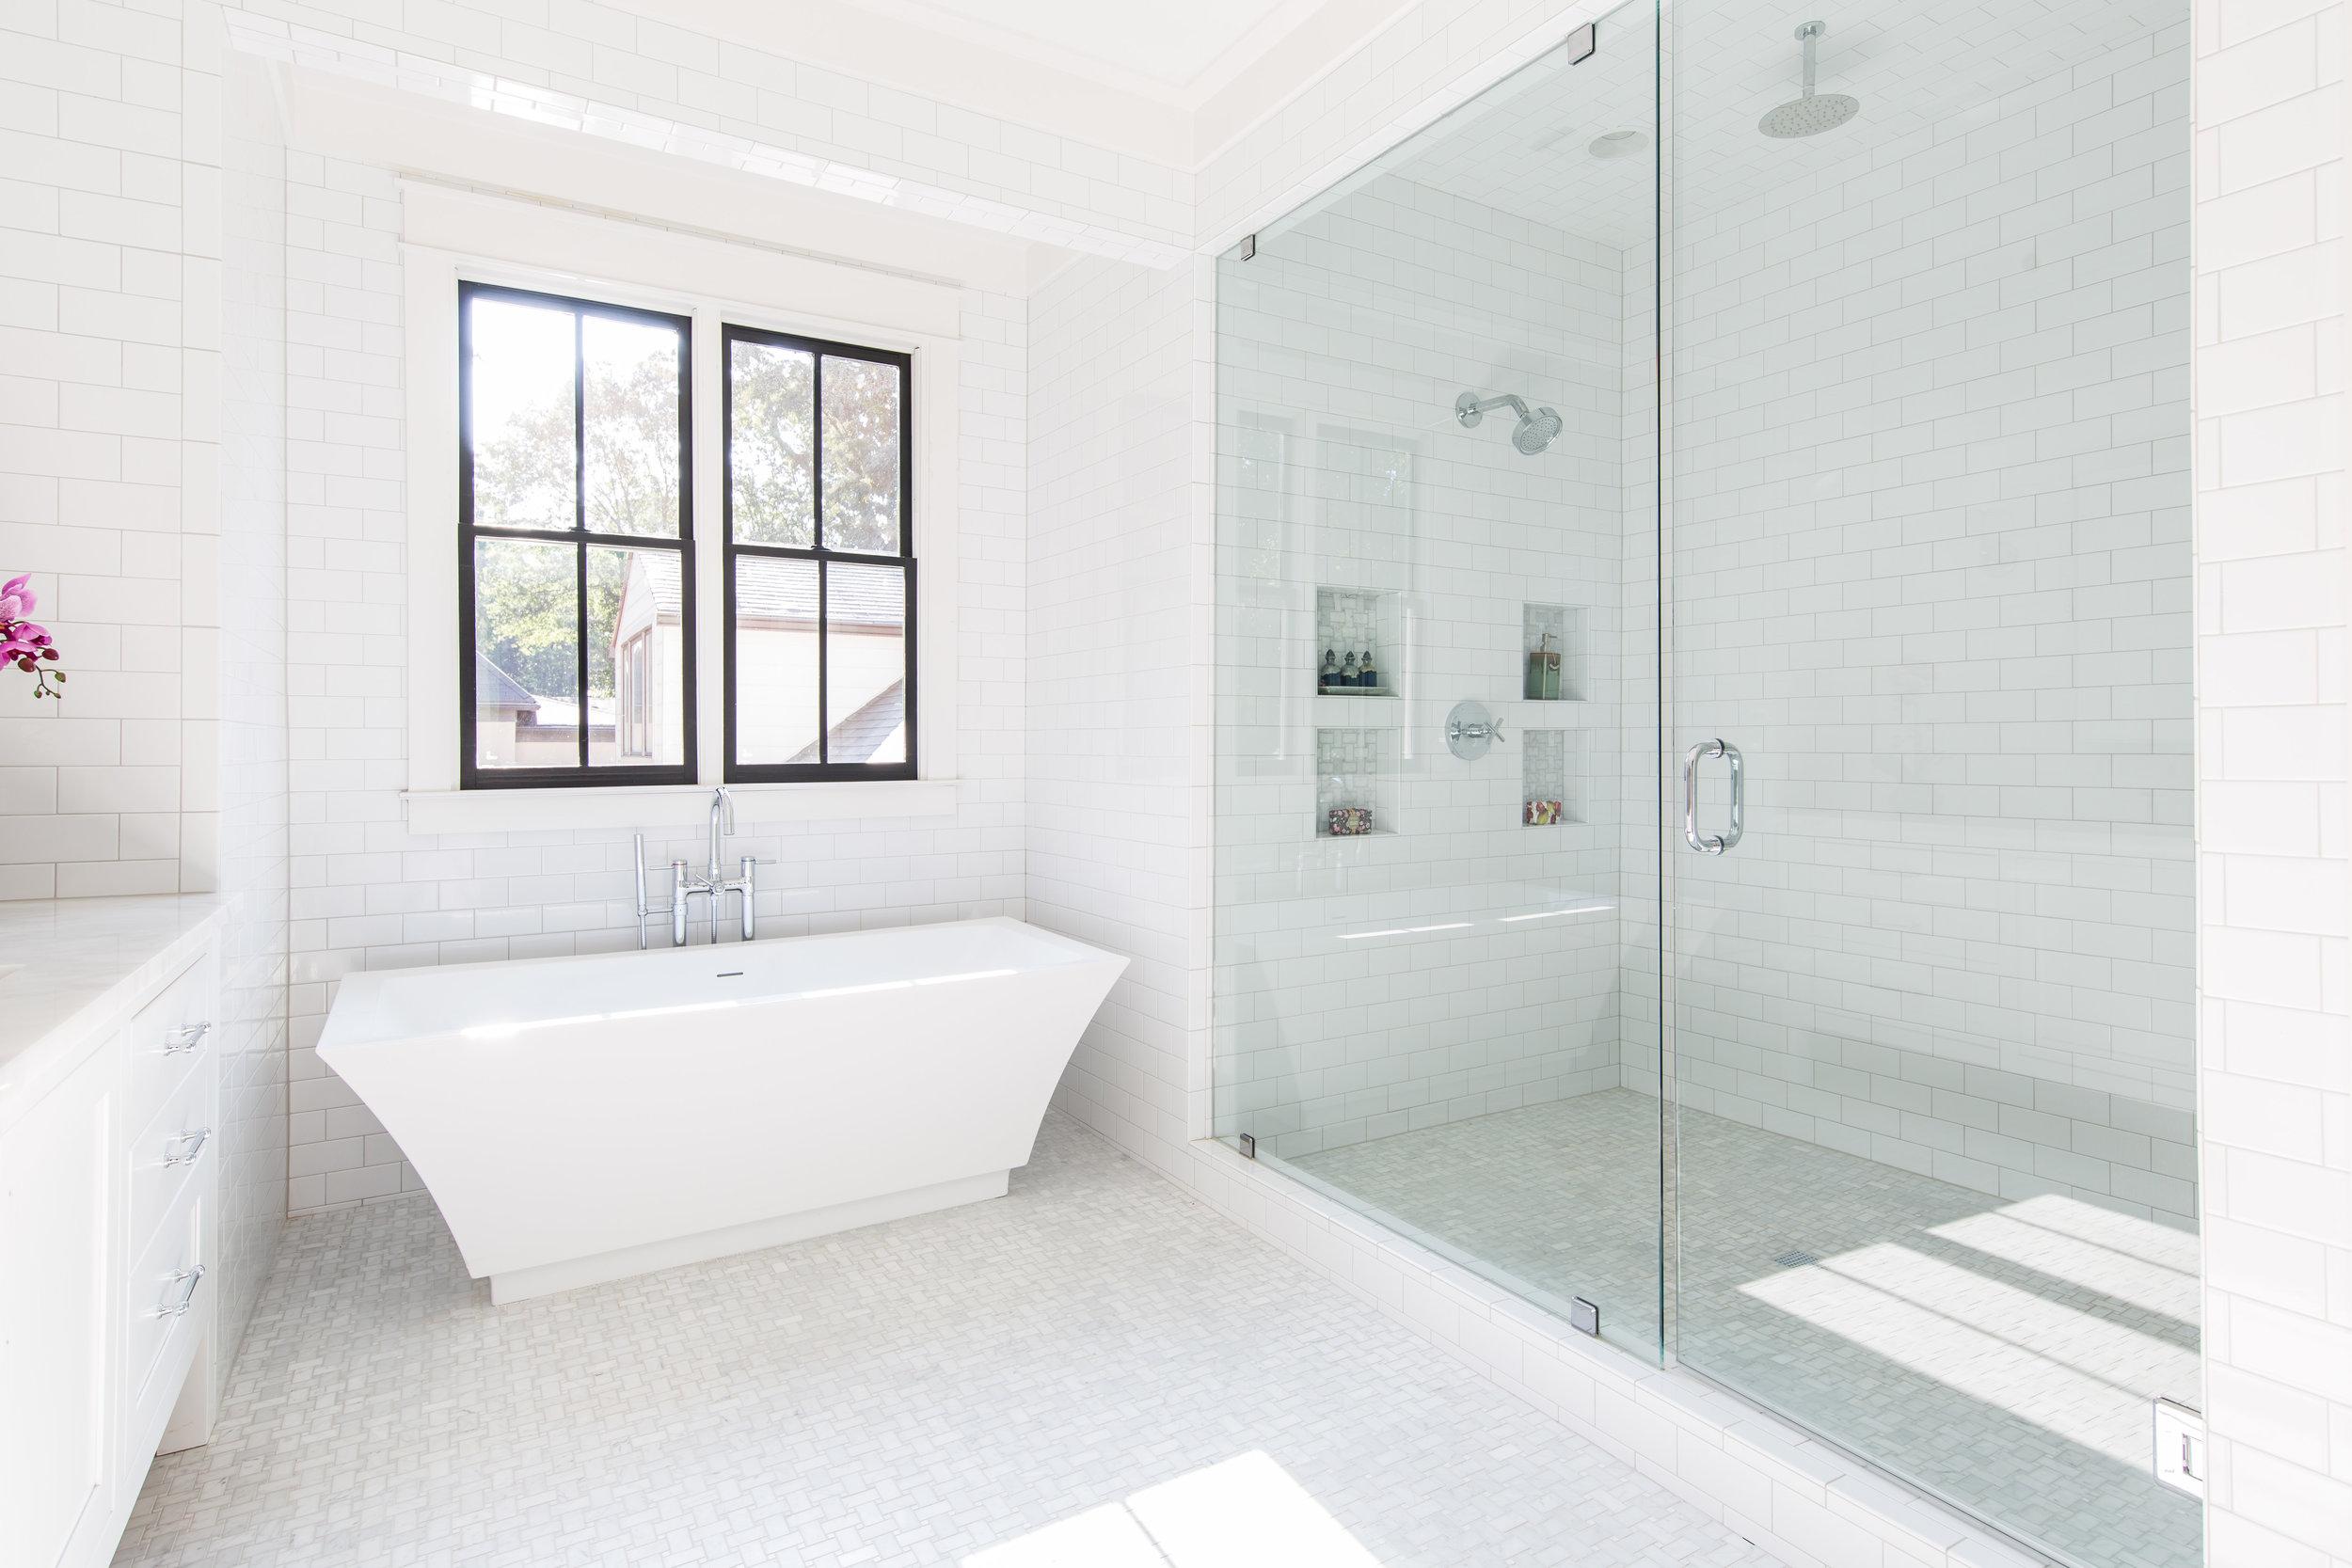 726 Hillpine-Master Bath 2.jpg